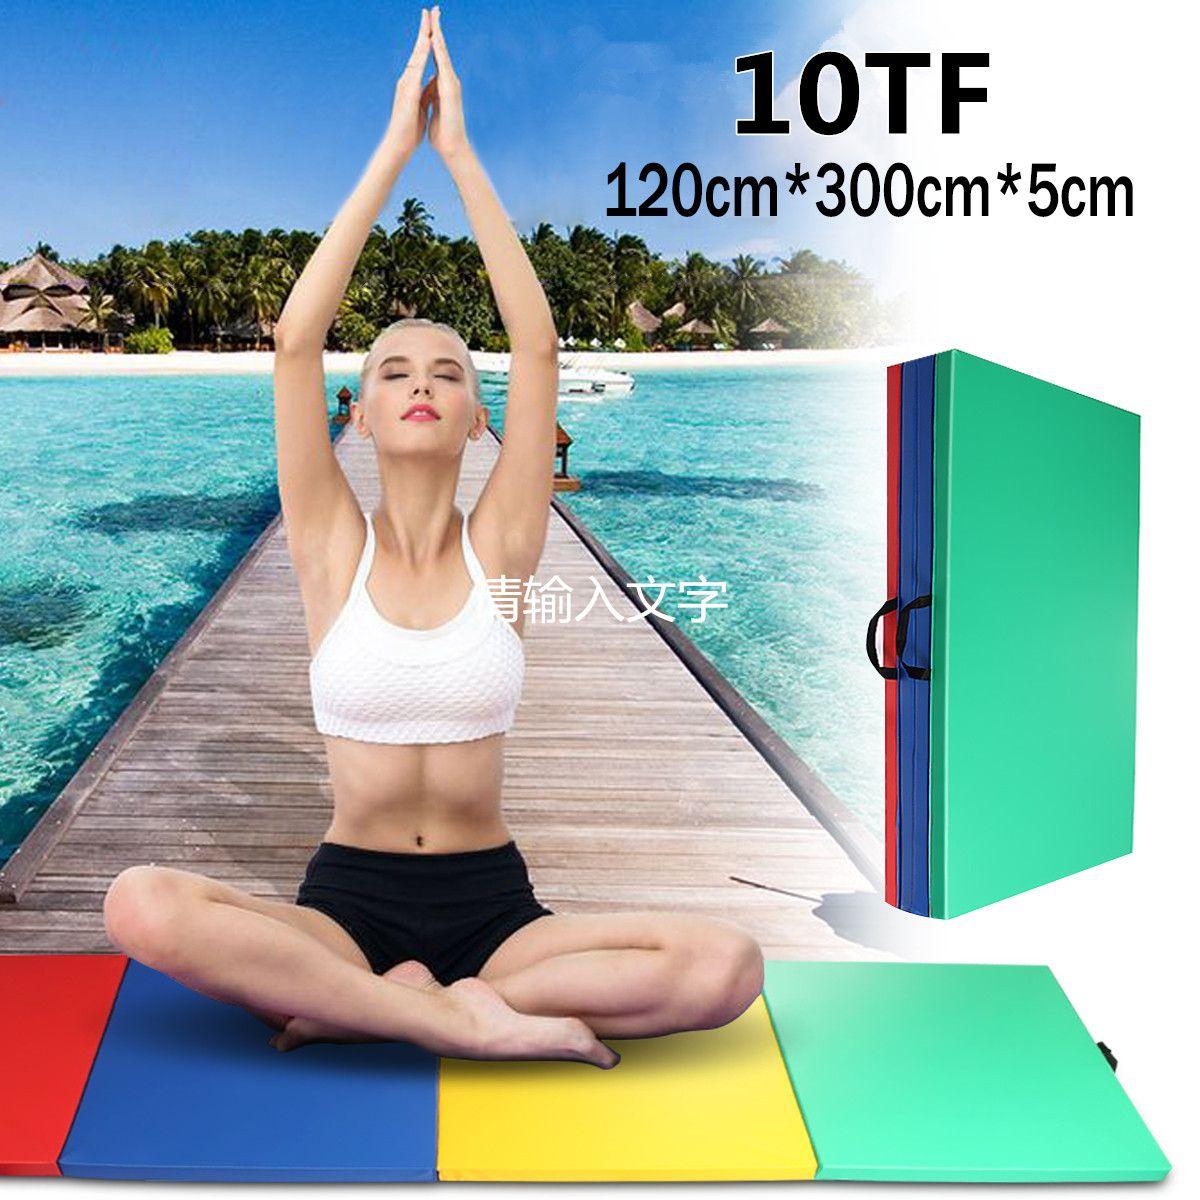 Здесь можно купить  10FT Foldable Yoga MatGymnastics Tumble Mats Crash Floor Folding Four Panel Tumbling Yoga Gym 5*300*120cm  Спорт и развлечения